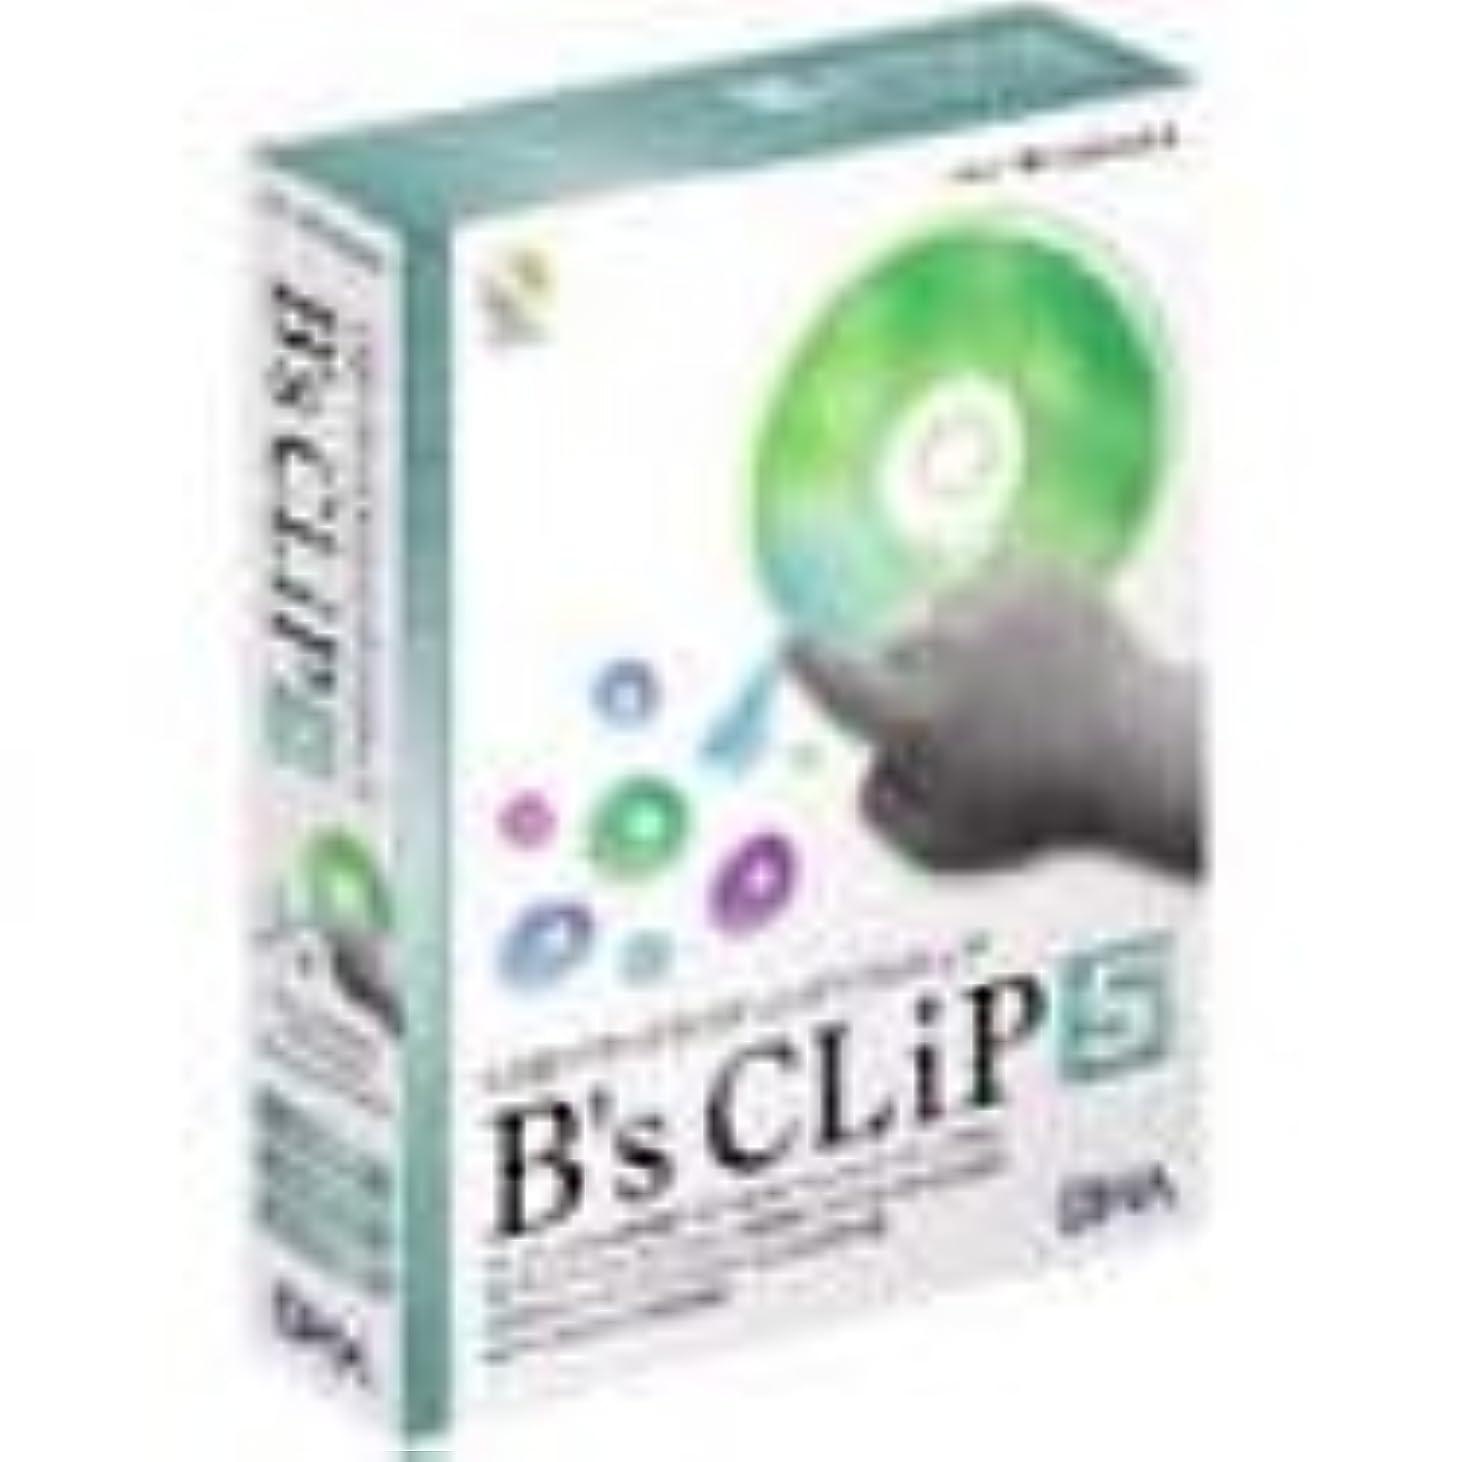 フラスコ揺れる未亡人B's CLiP 5